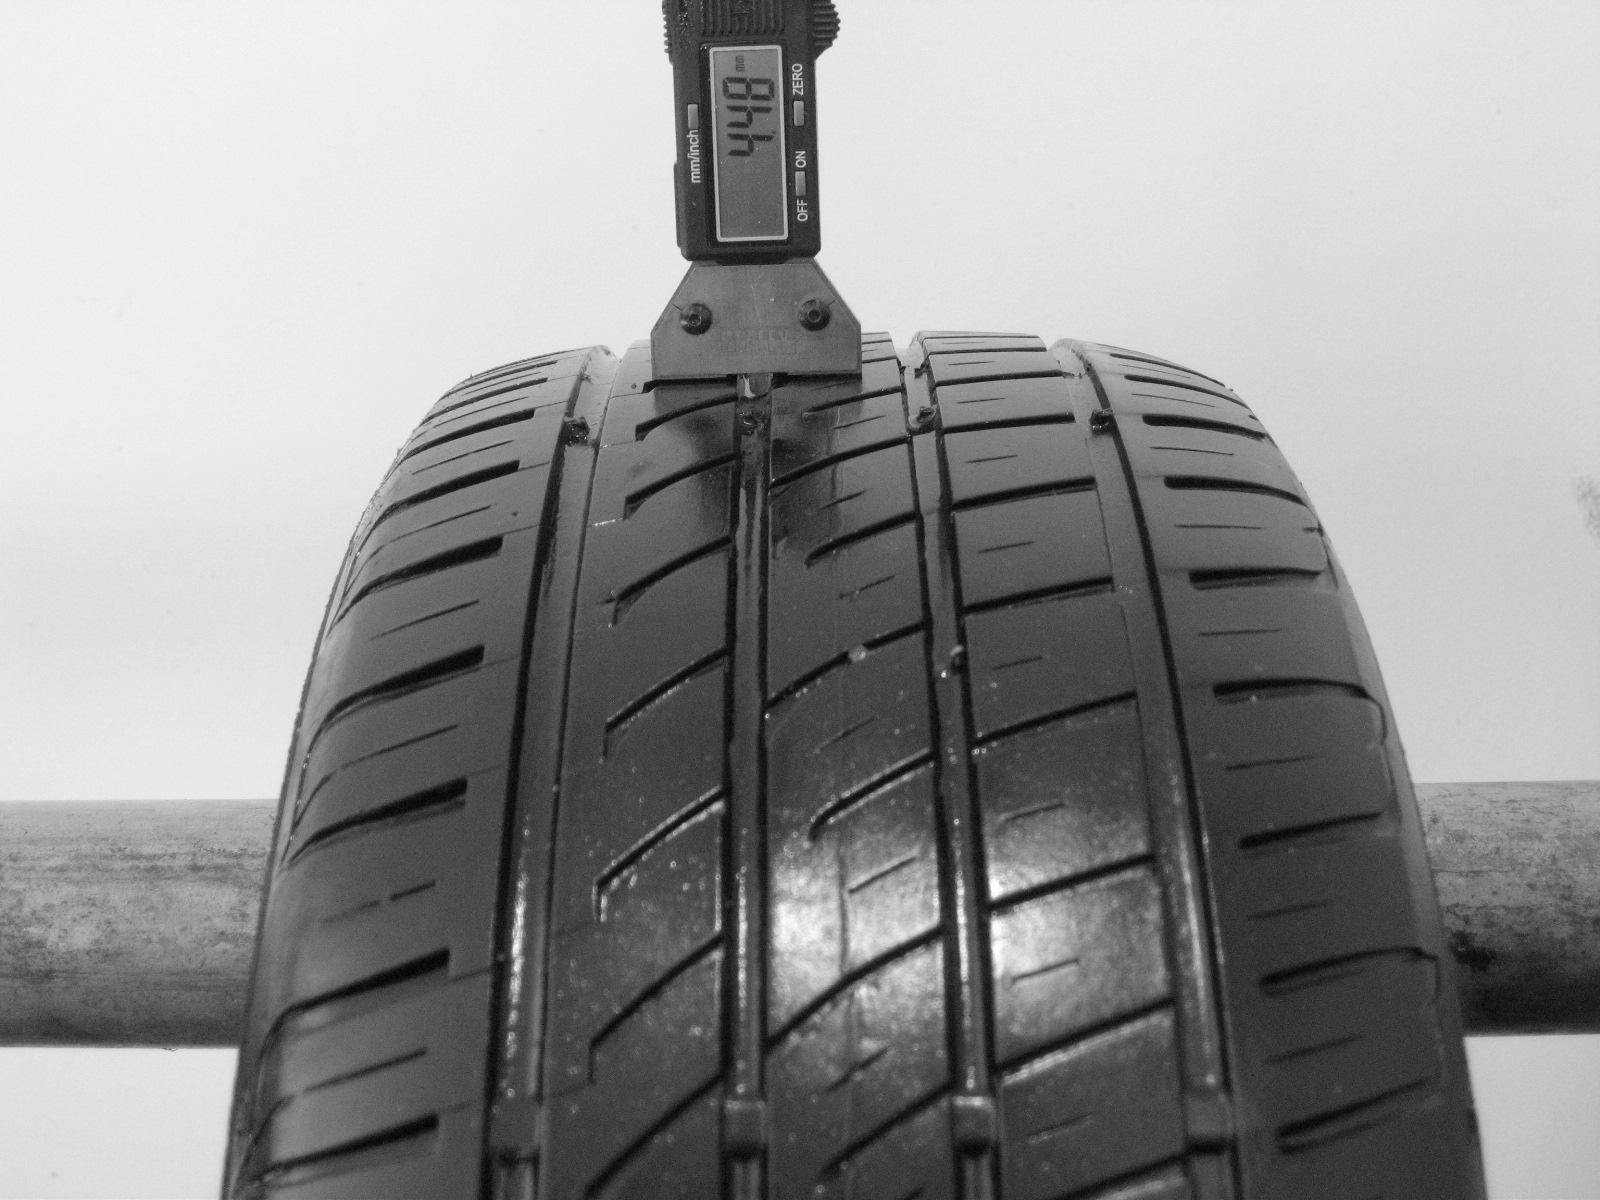 Použité-Pneu-Bazar - 205/55 R16 GISLAVED SPEED -kusovka-rezerva 3mm